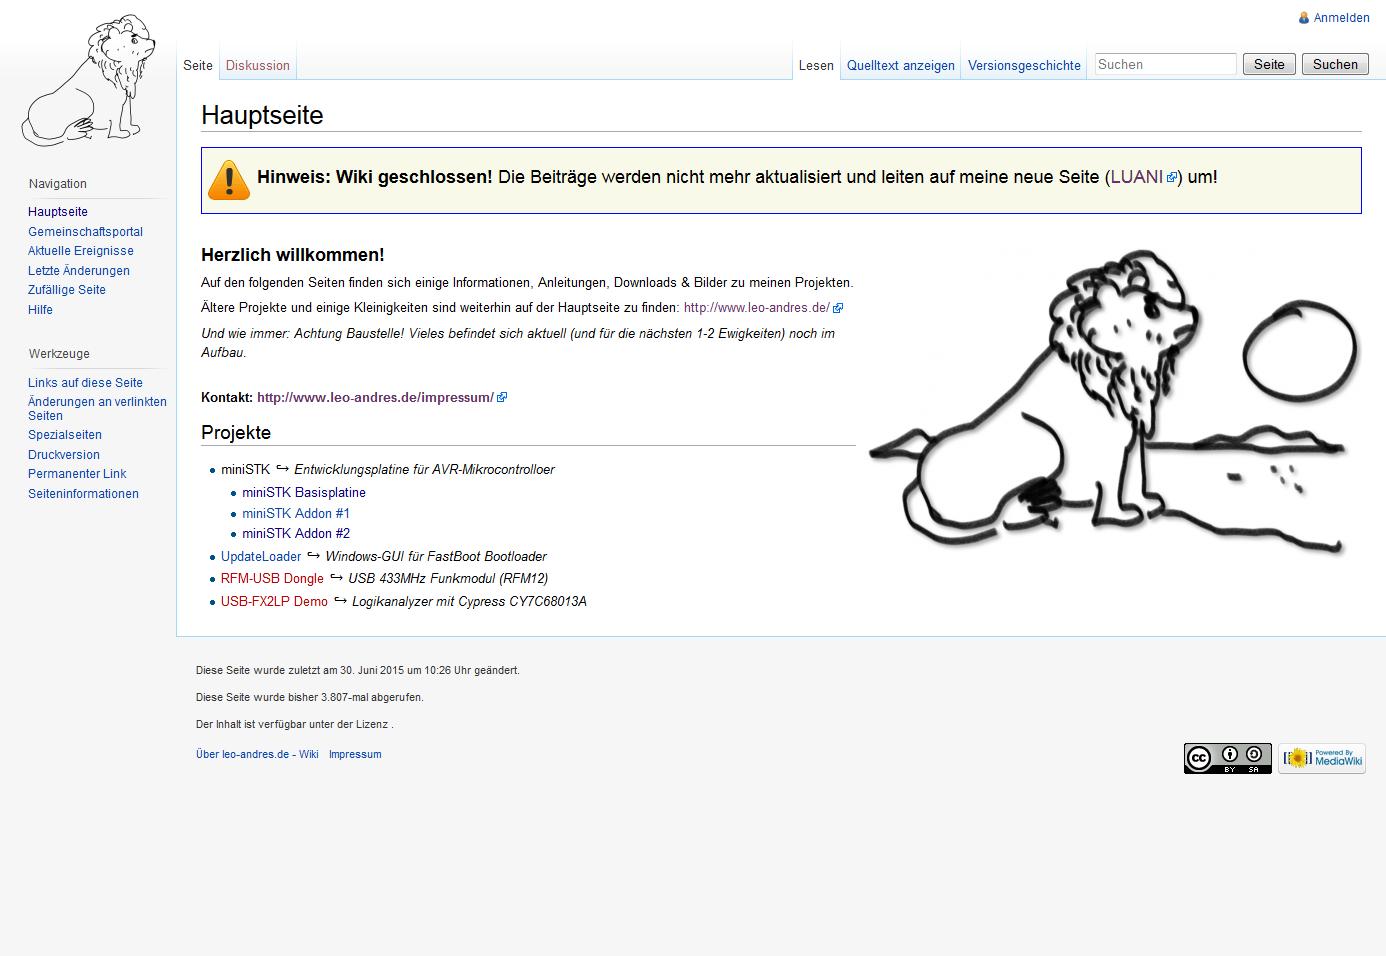 Altes Wiki geschlossen. Tschüß, bis bald?